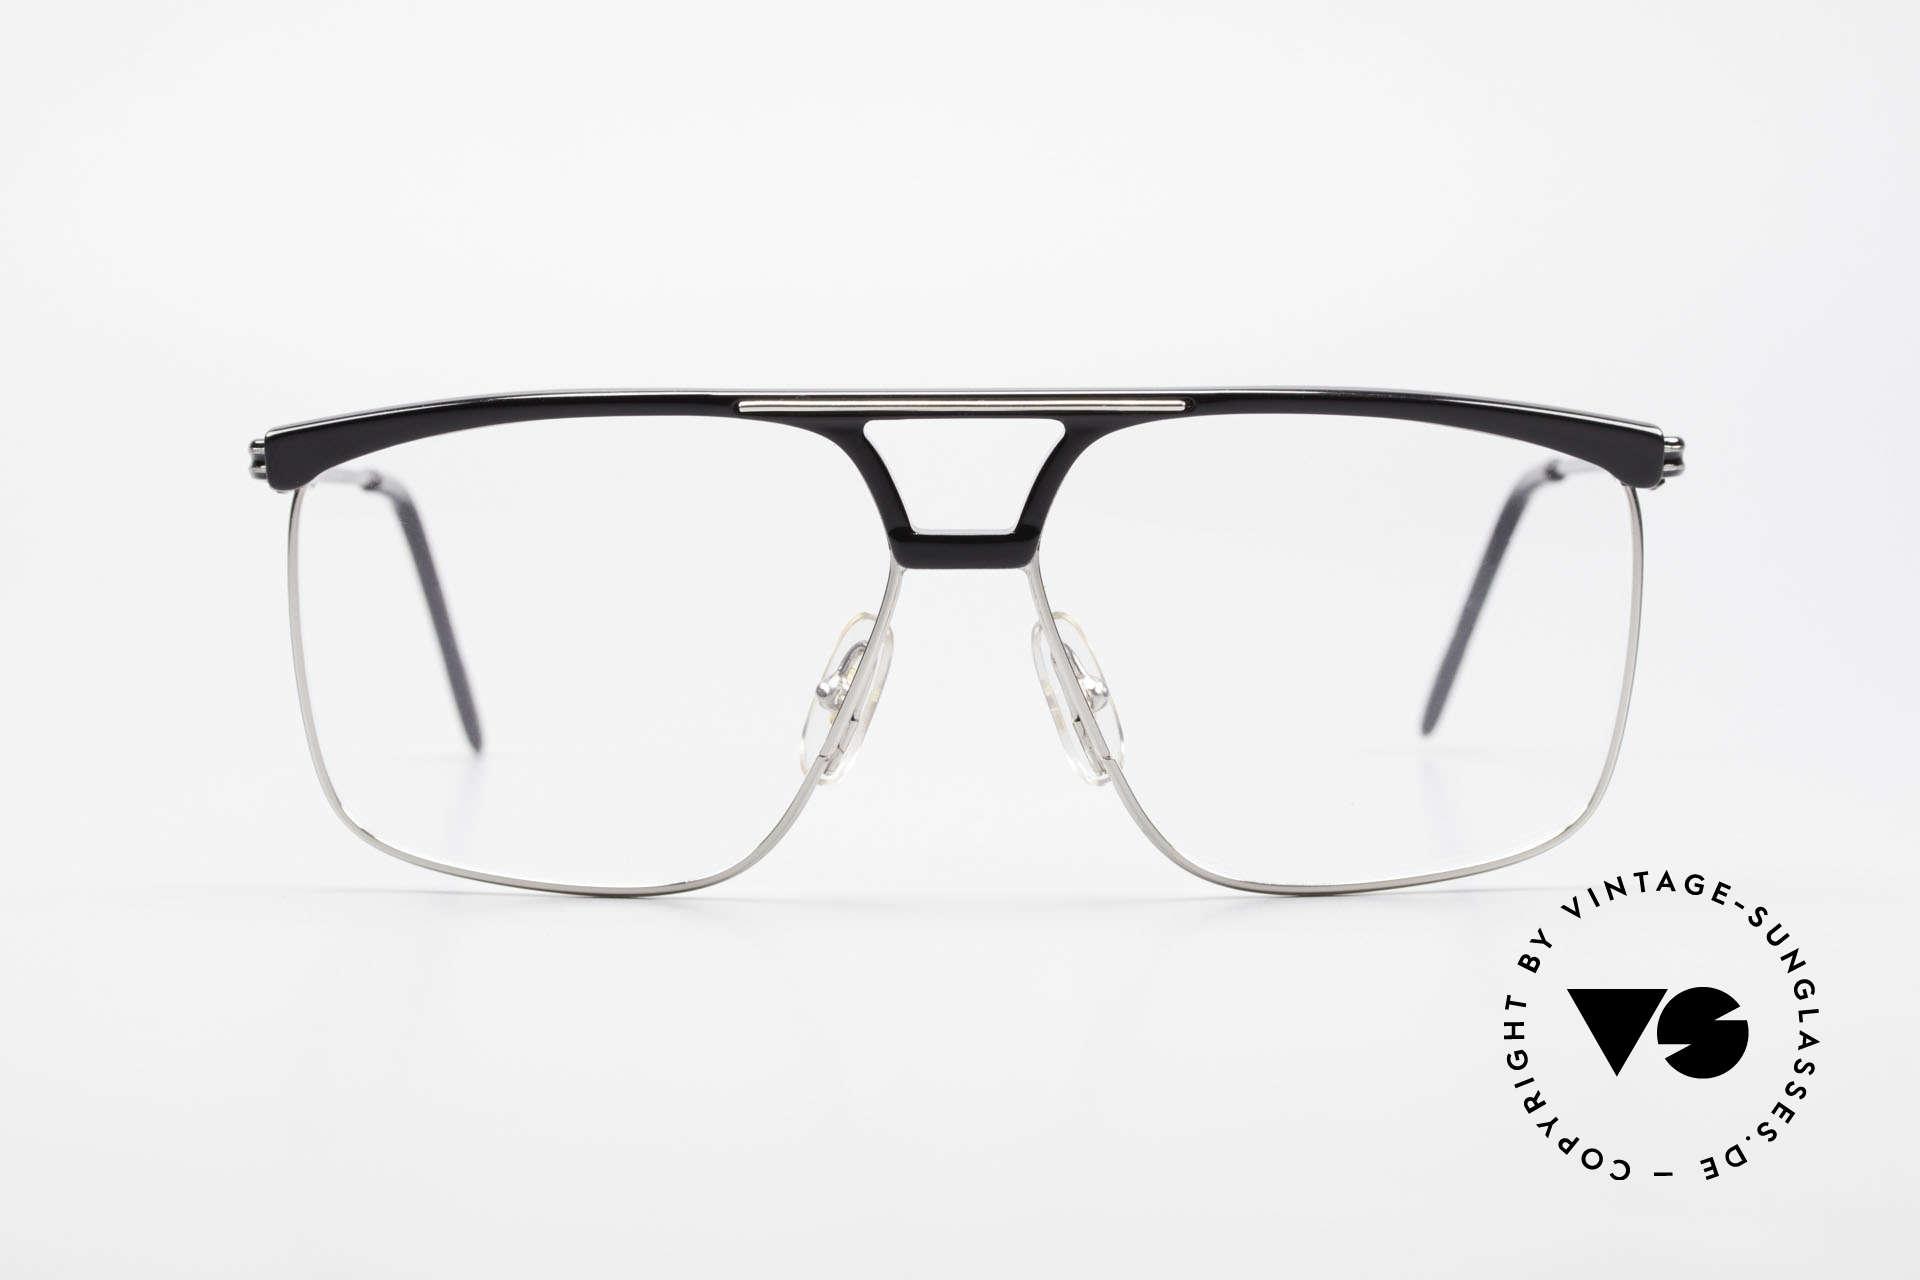 Ferrari F35 Large Vintage Men's Eyeglasses, finest quality & superior frame finishing; true vintage, Made for Men